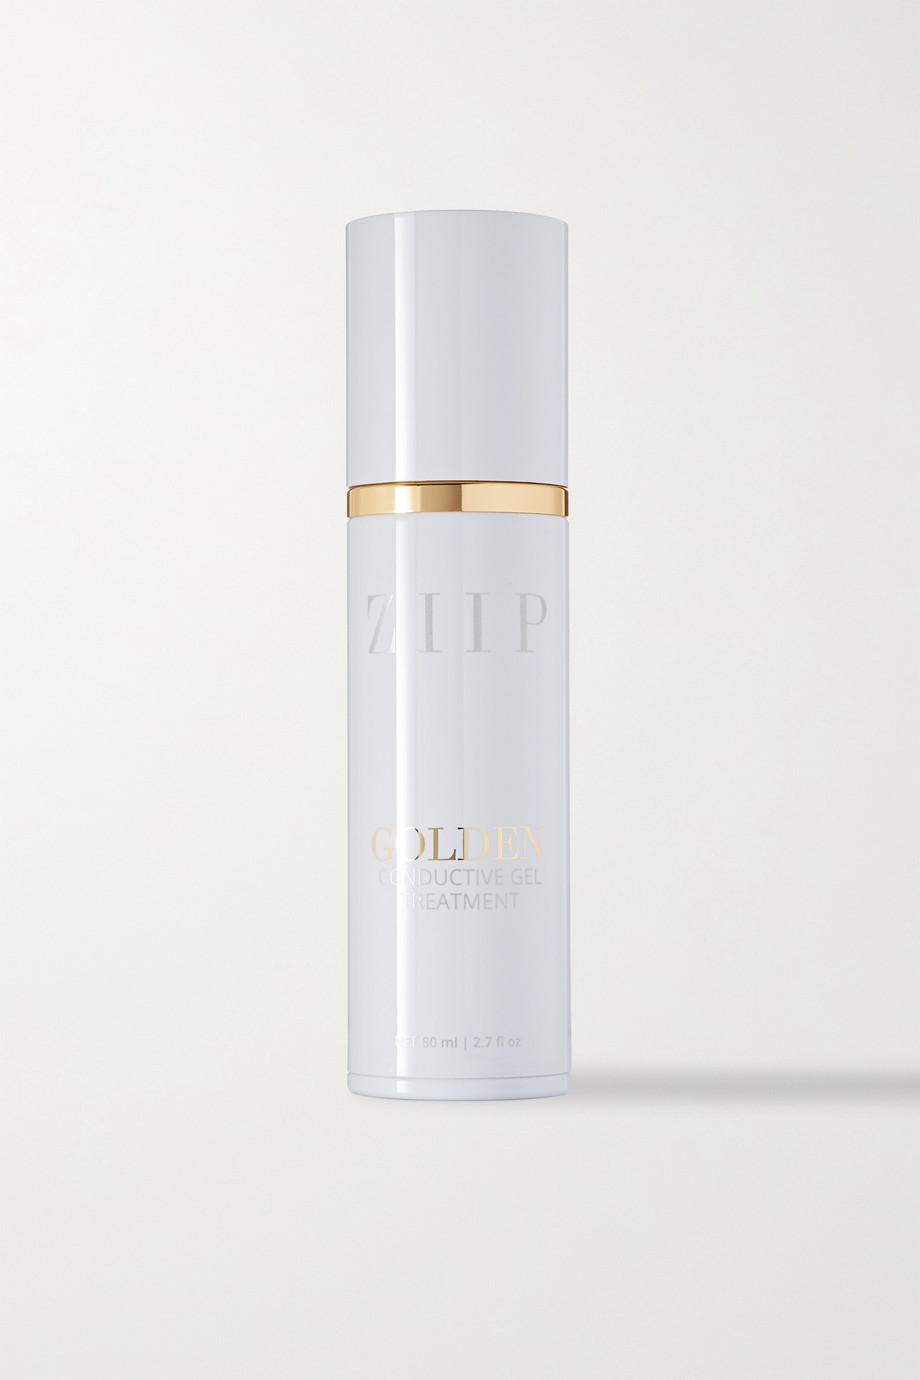 Ziip Beauty Golden Conductive Gel, 80ml